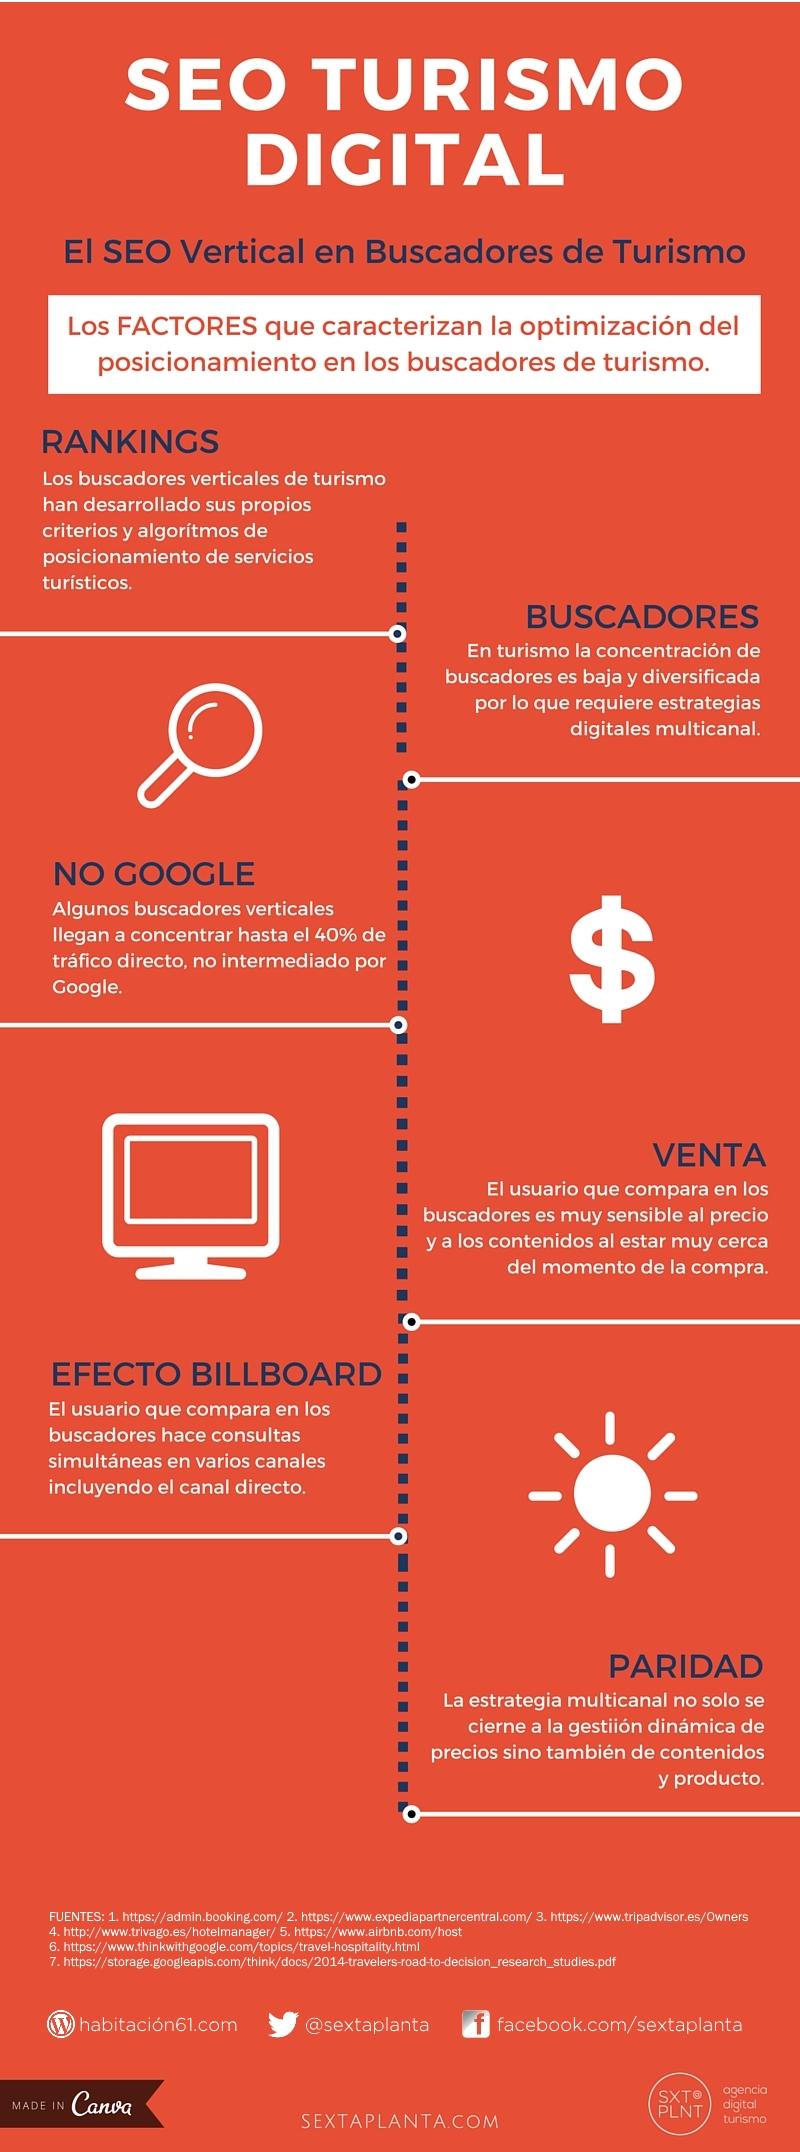 Infografía de los factores SEO Vertical de Turismo Digital